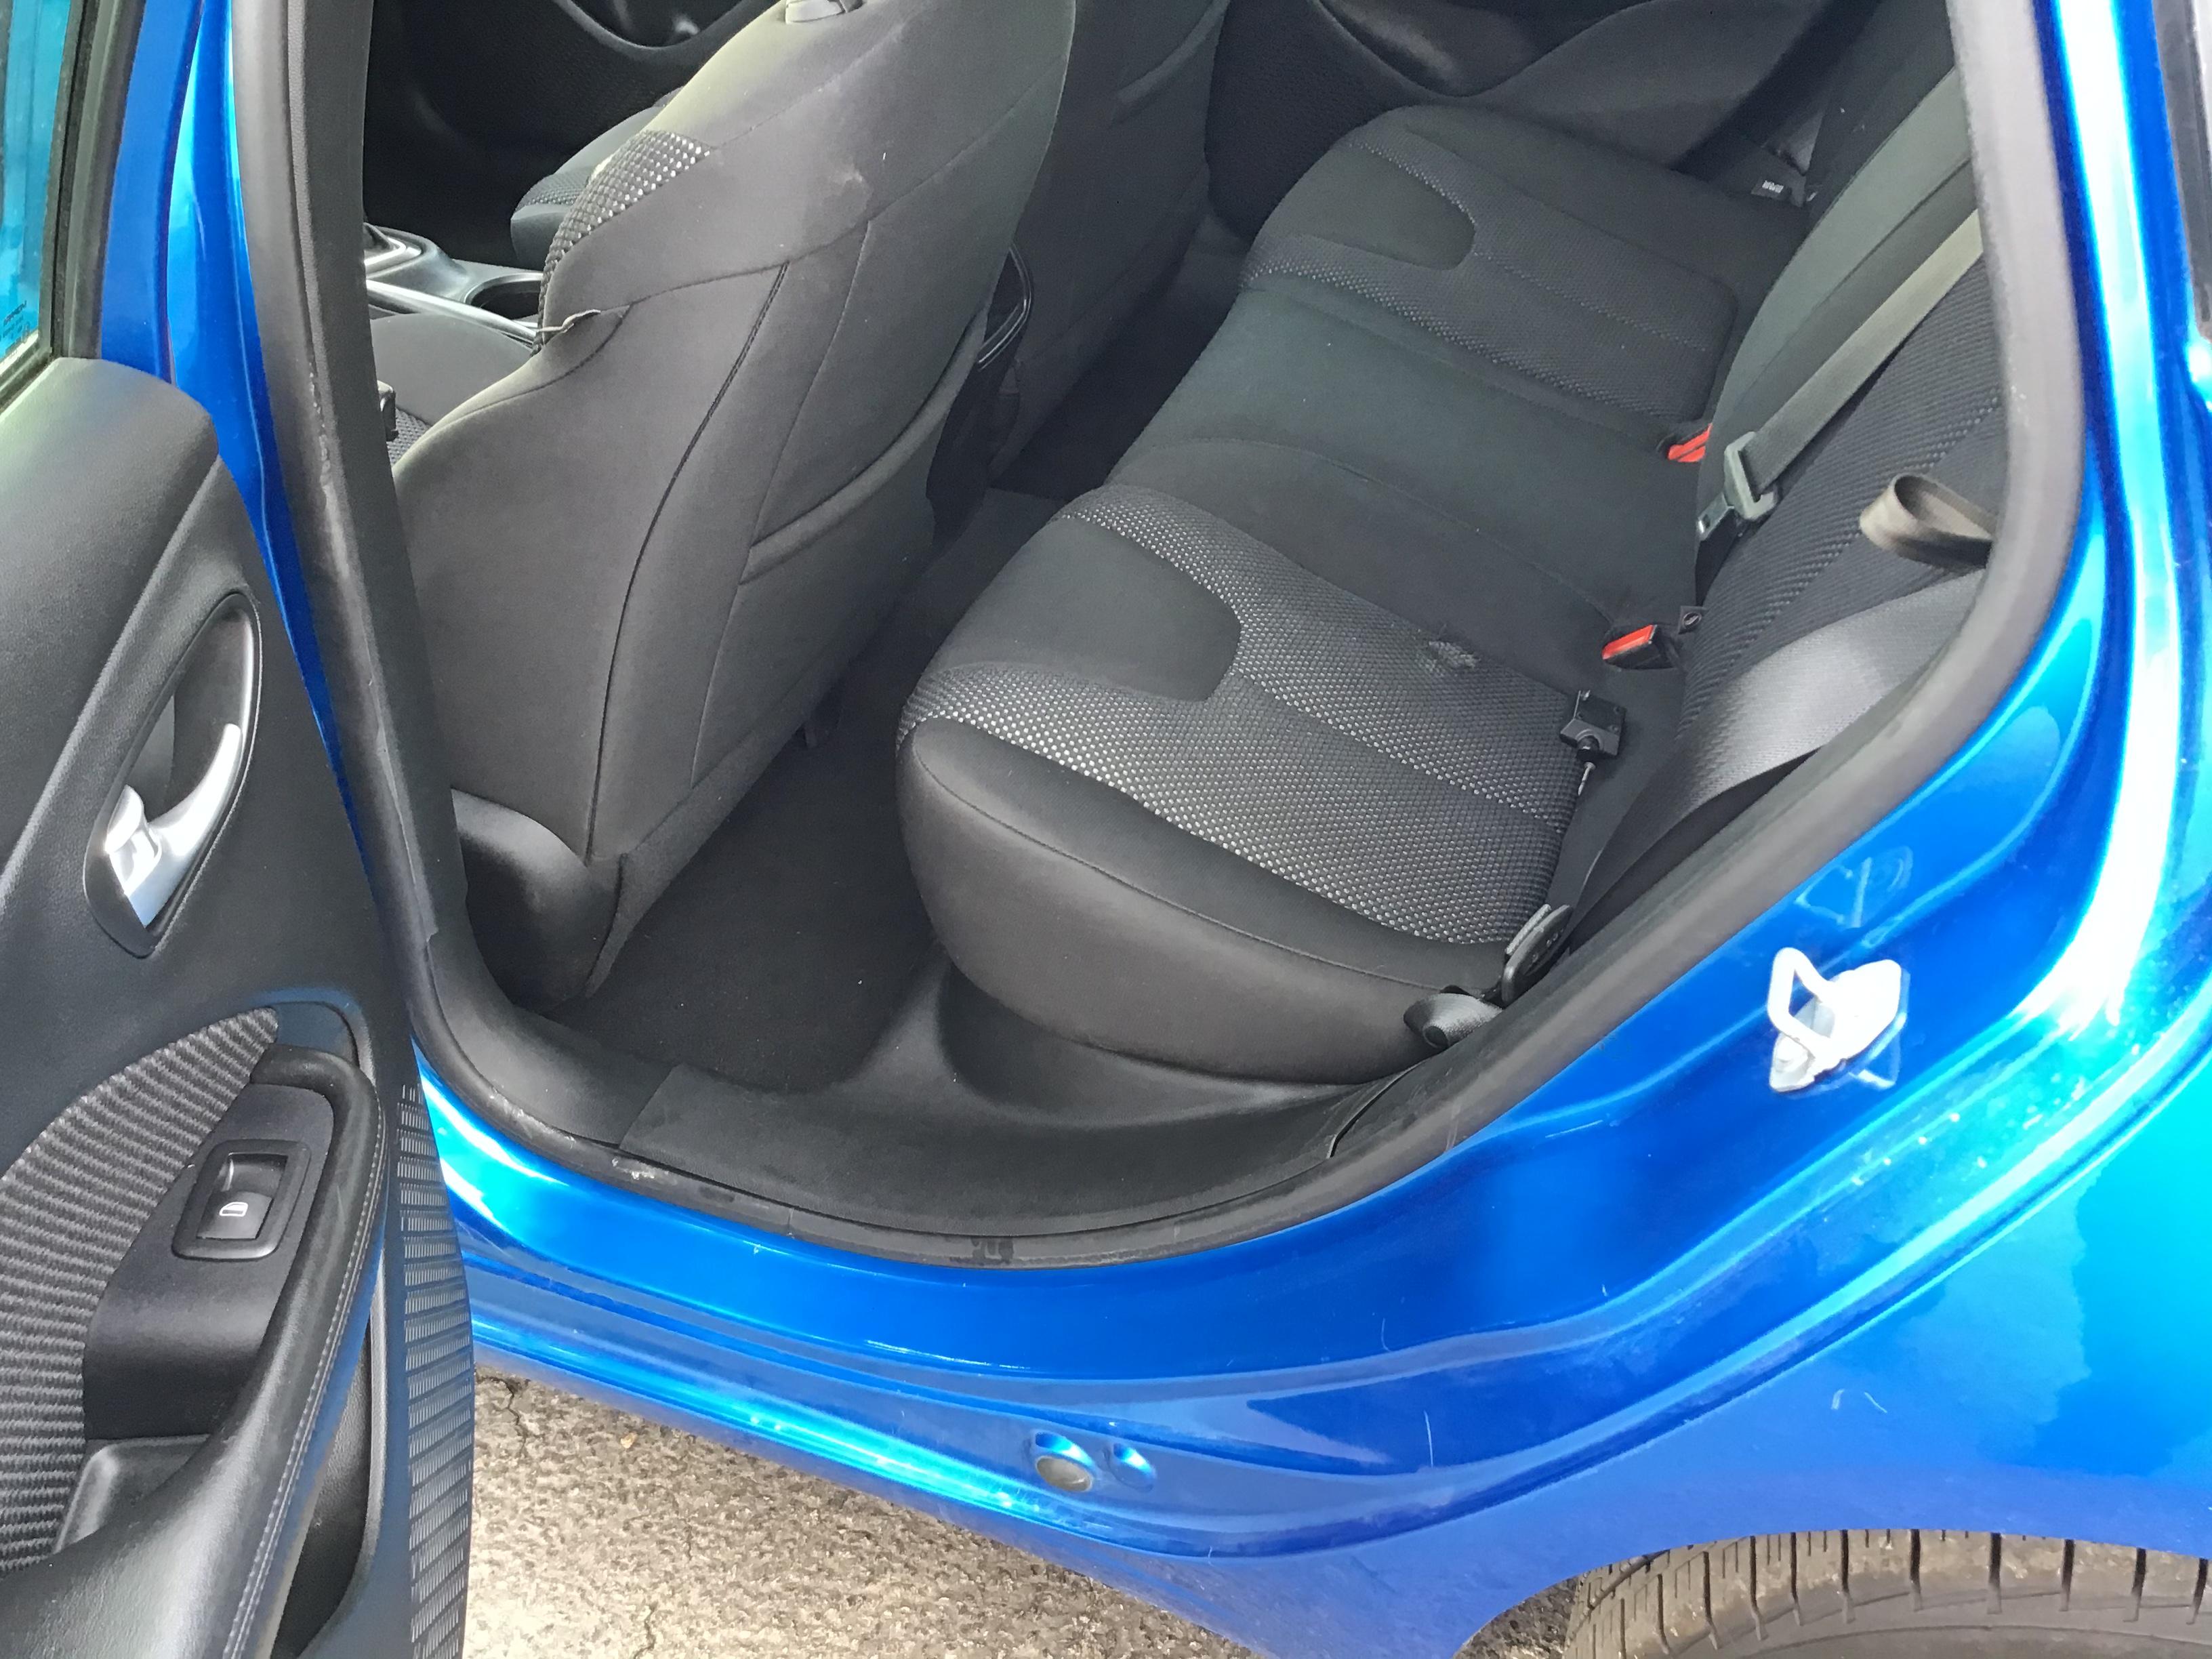 used vehicle - Sedan DODGE DART 2016